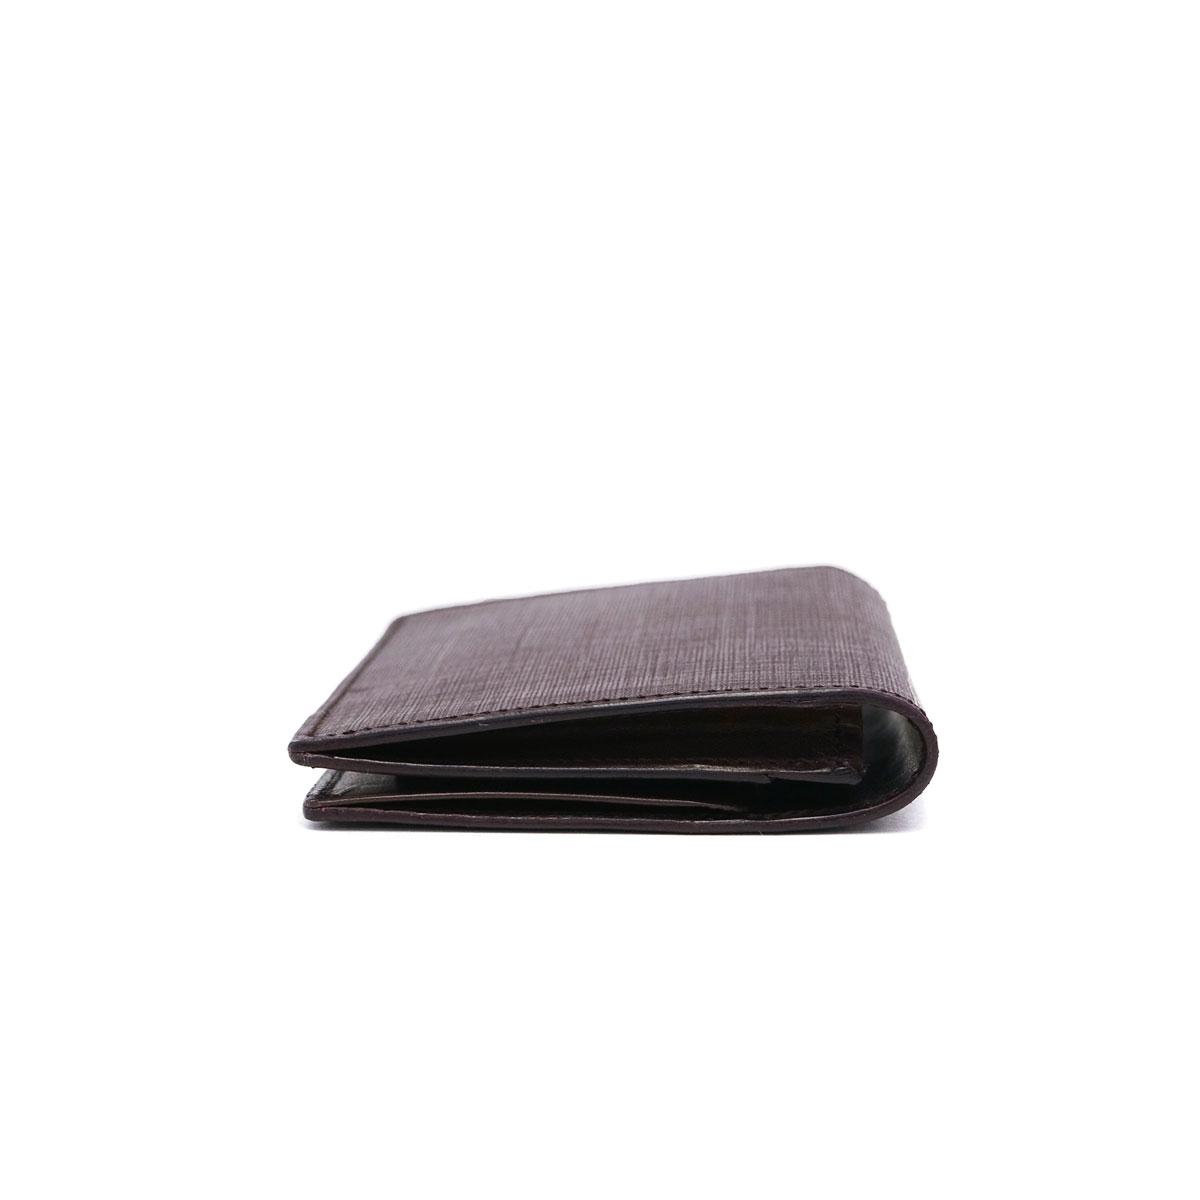 カードで12倍選べるノベルティプレゼントスロウトラディショナル カードケース SLOW Traditional 名刺入れ 本革 革 スリム sigma Card Case シグマ レザー メンズ レディース 827ST07HdxtQrBsCh